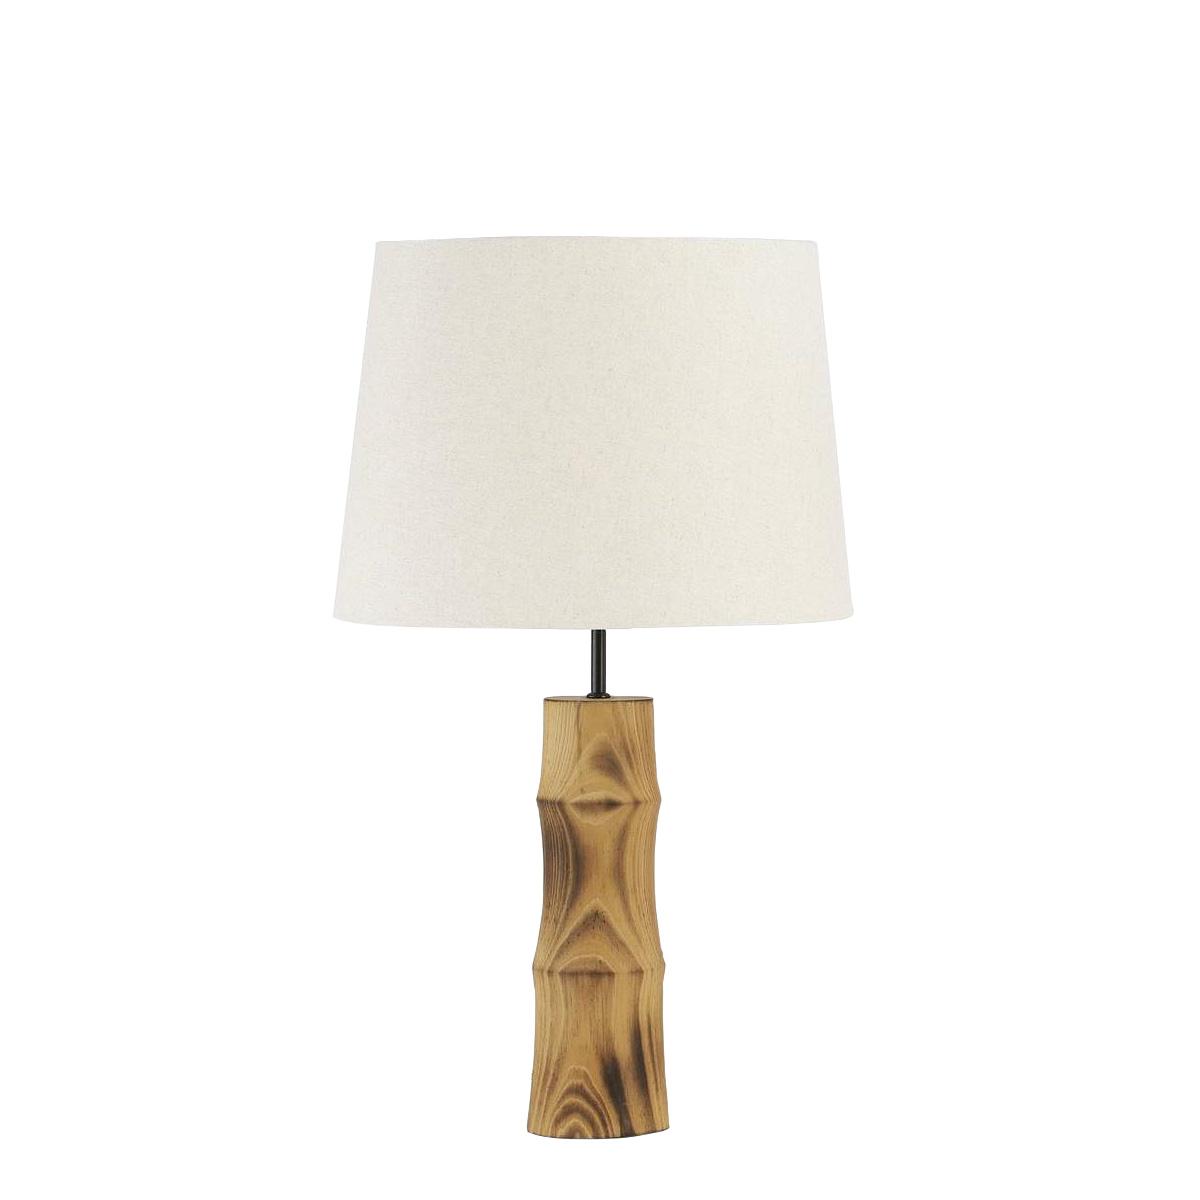 Ξύλινο επιτραπέζιο φωτιστικό BAMBOO wooden table lamp